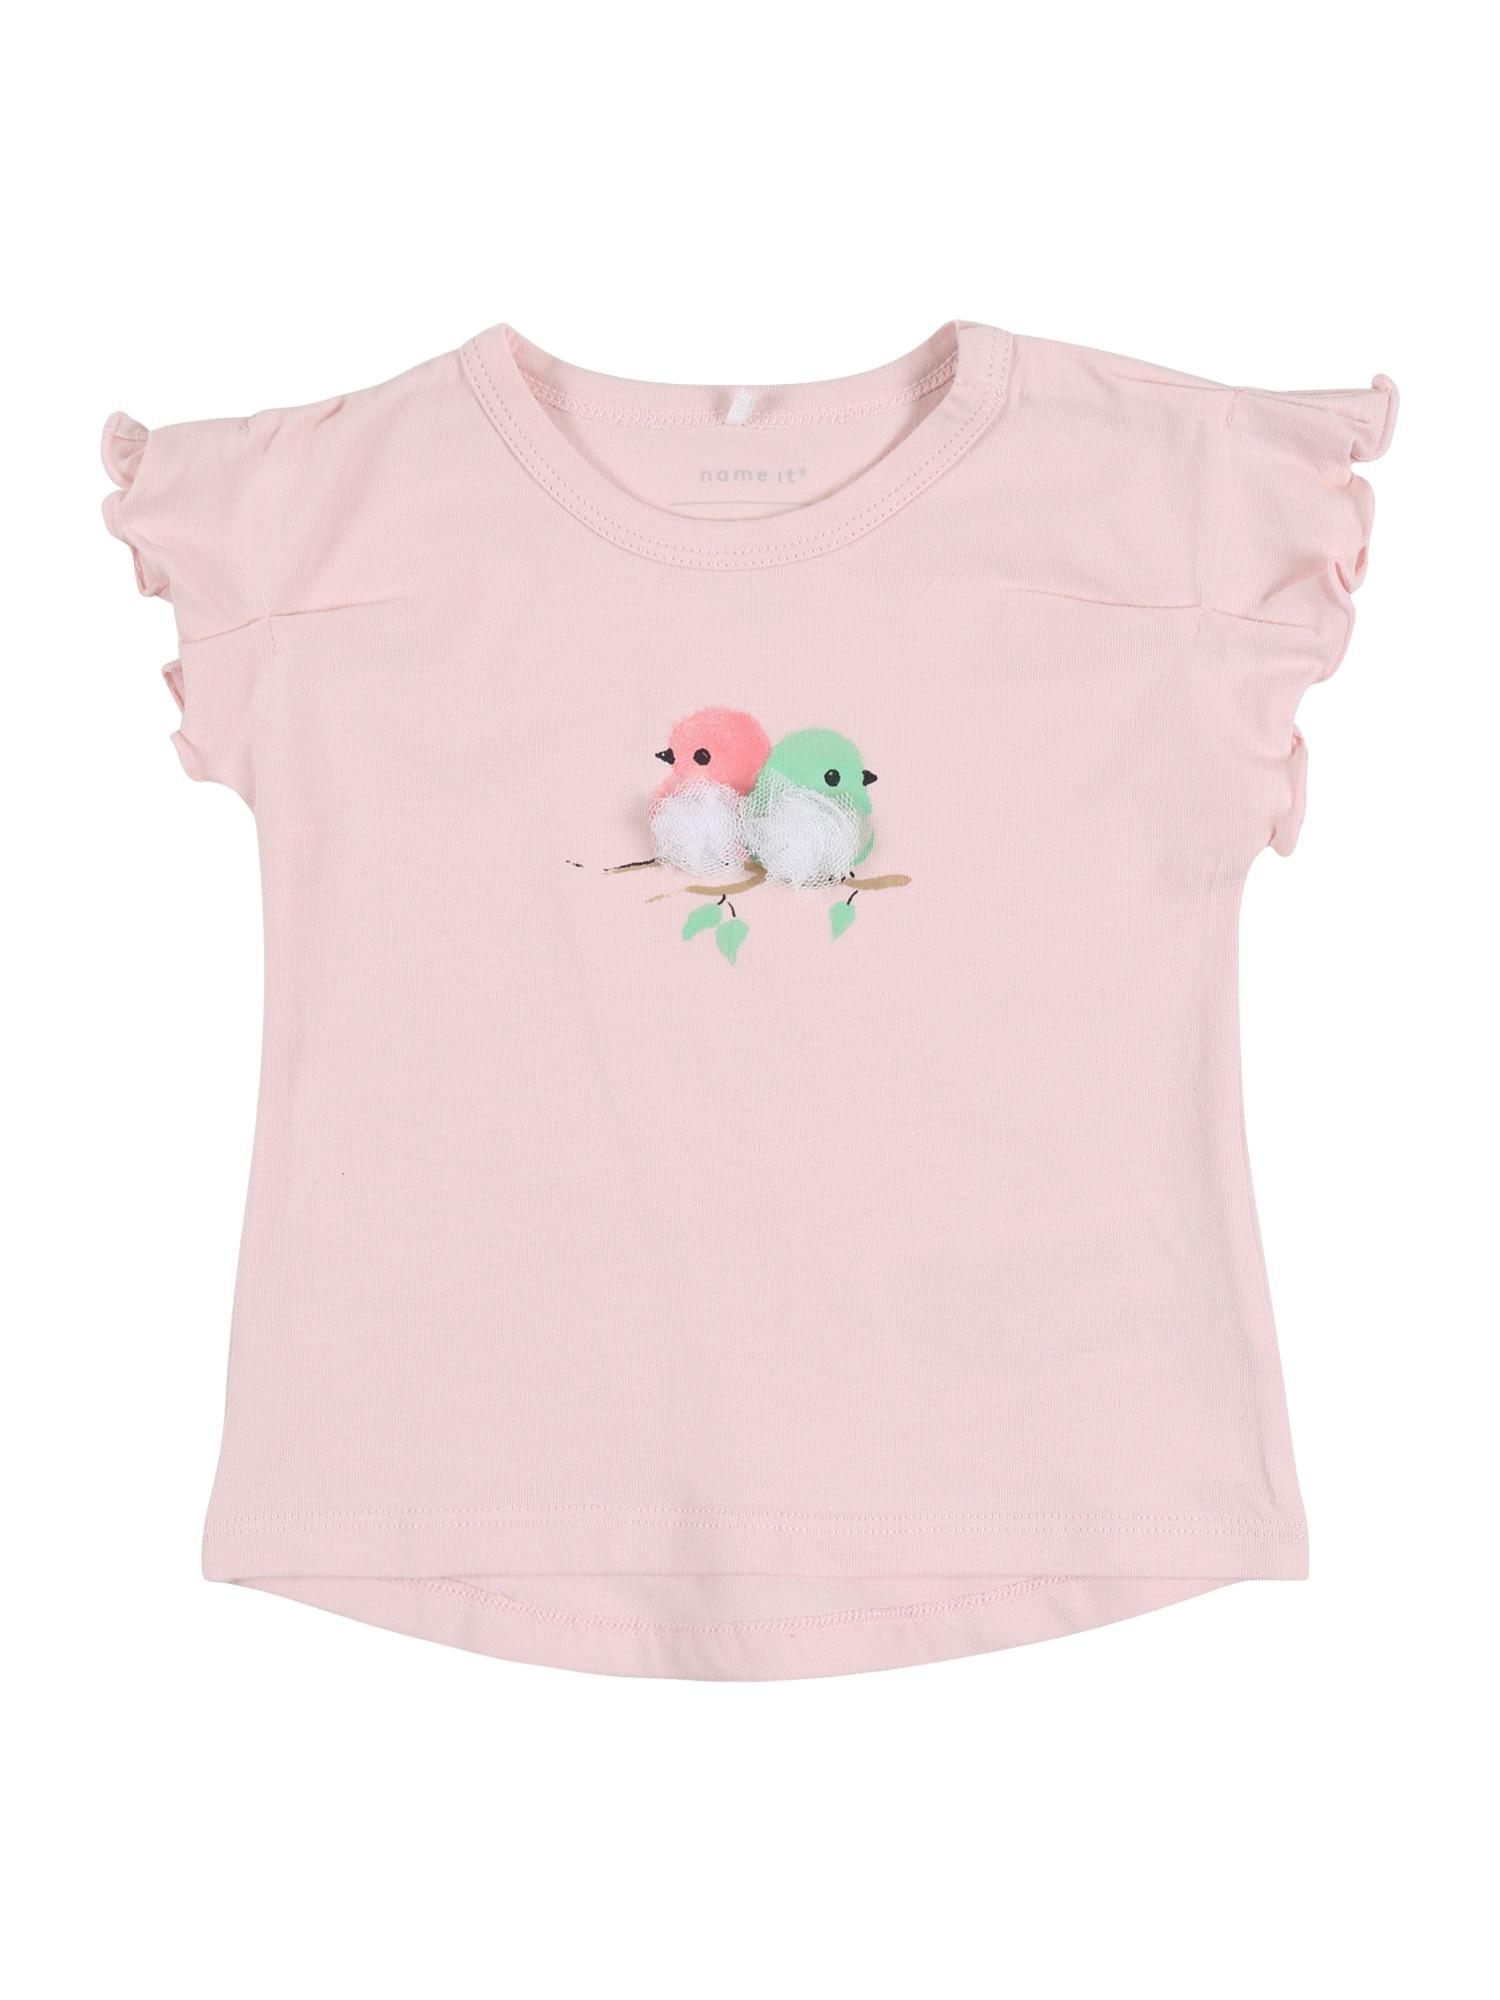 NAME IT Marškinėliai 'HARMONY' rožių spalva